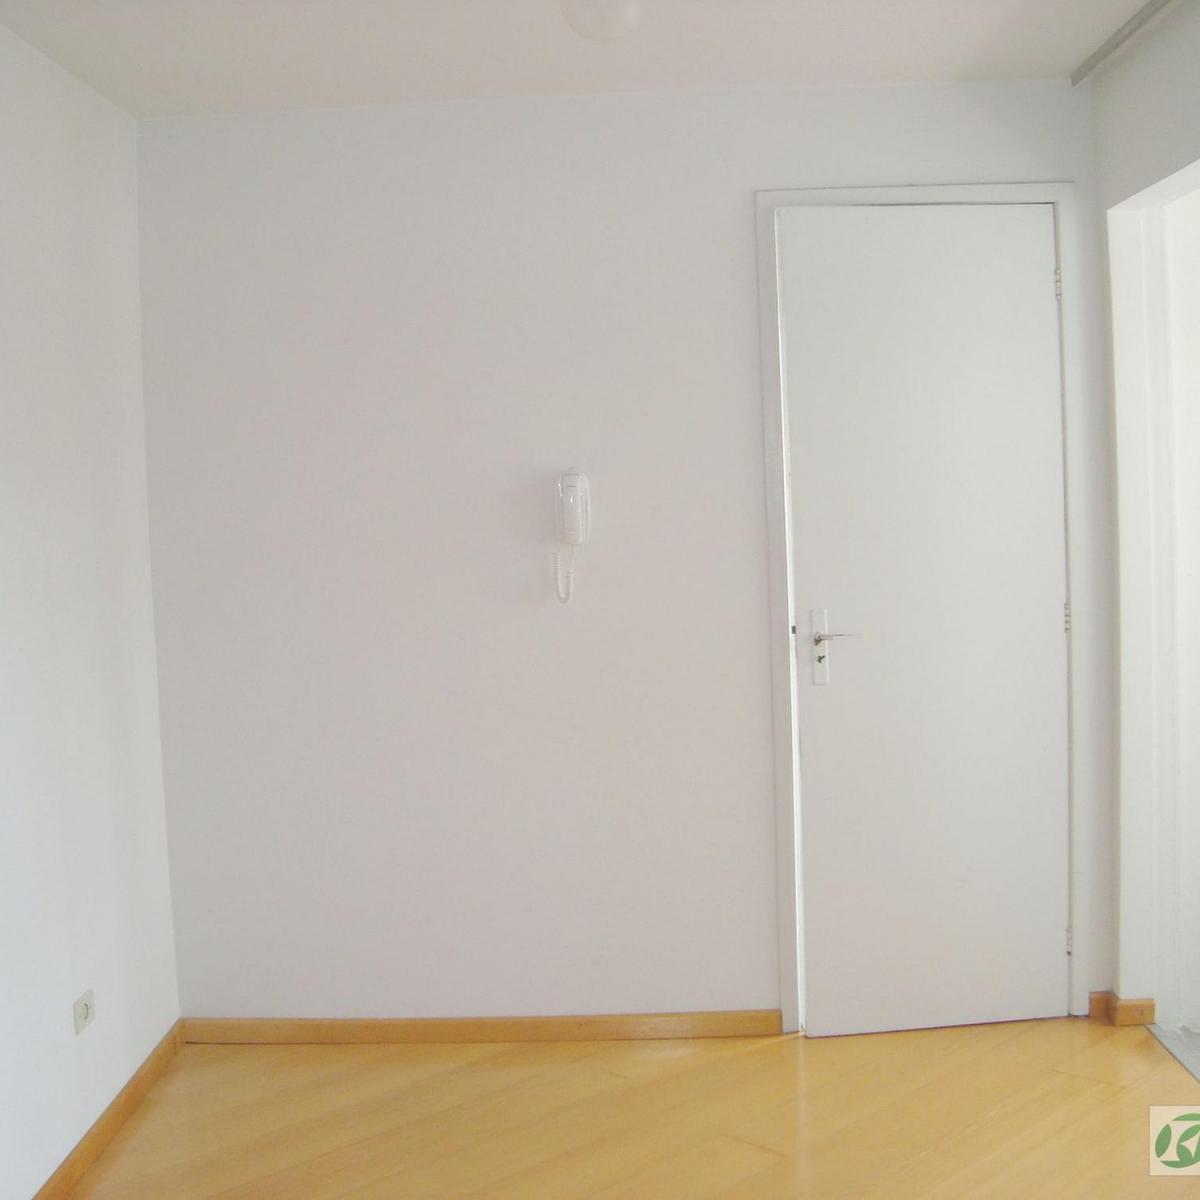 Imagens de #805031 Apartamento para aluguel com 2 Quartos Bigorrilho Curitiba R$ 750  1200x1200 px 3084 Box Banheiro Bigorrilho Curitiba